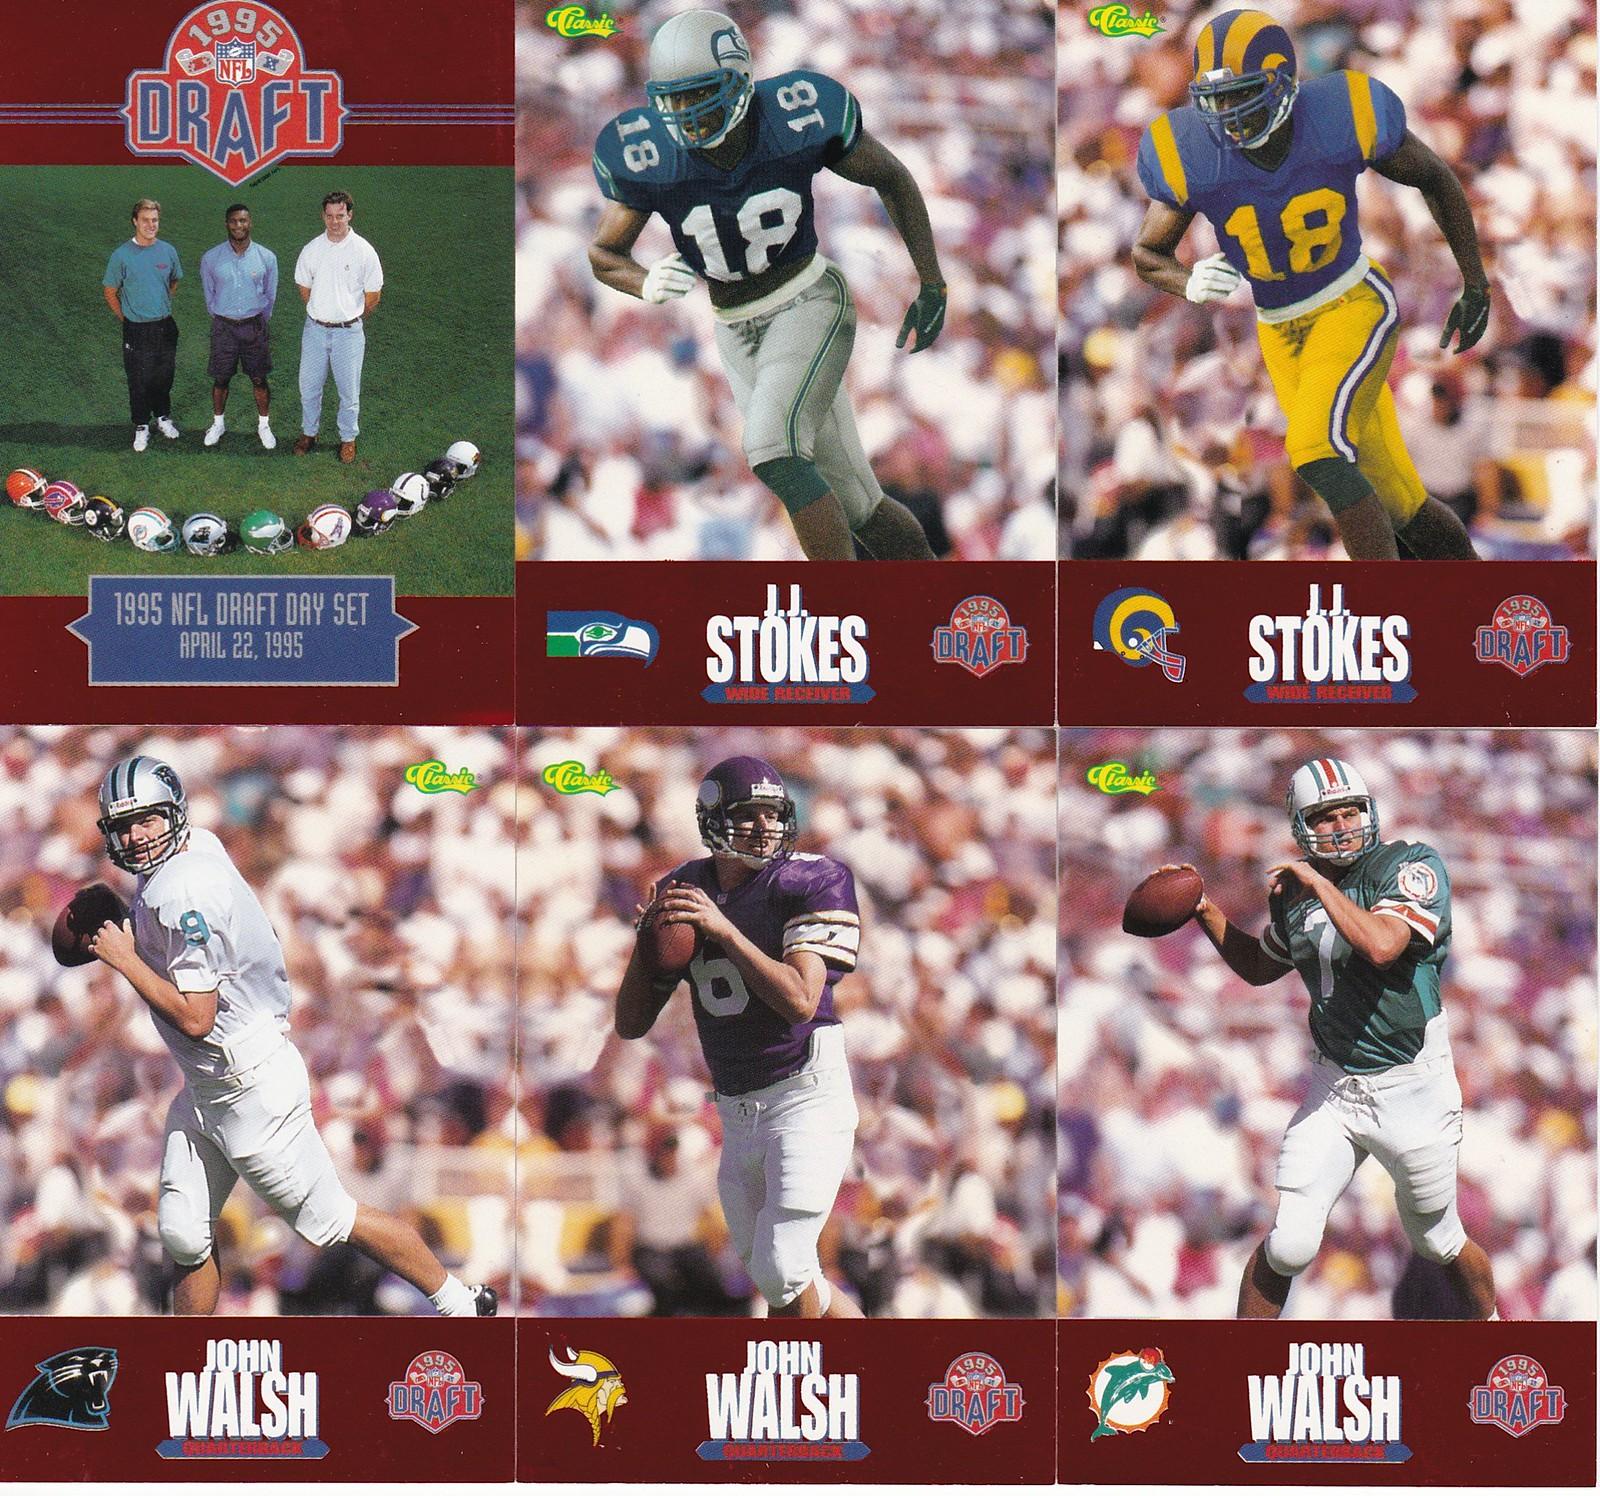 e87cad38c3bb Vintage Memorabilia Find  1995 NFL Draft Trading Cards